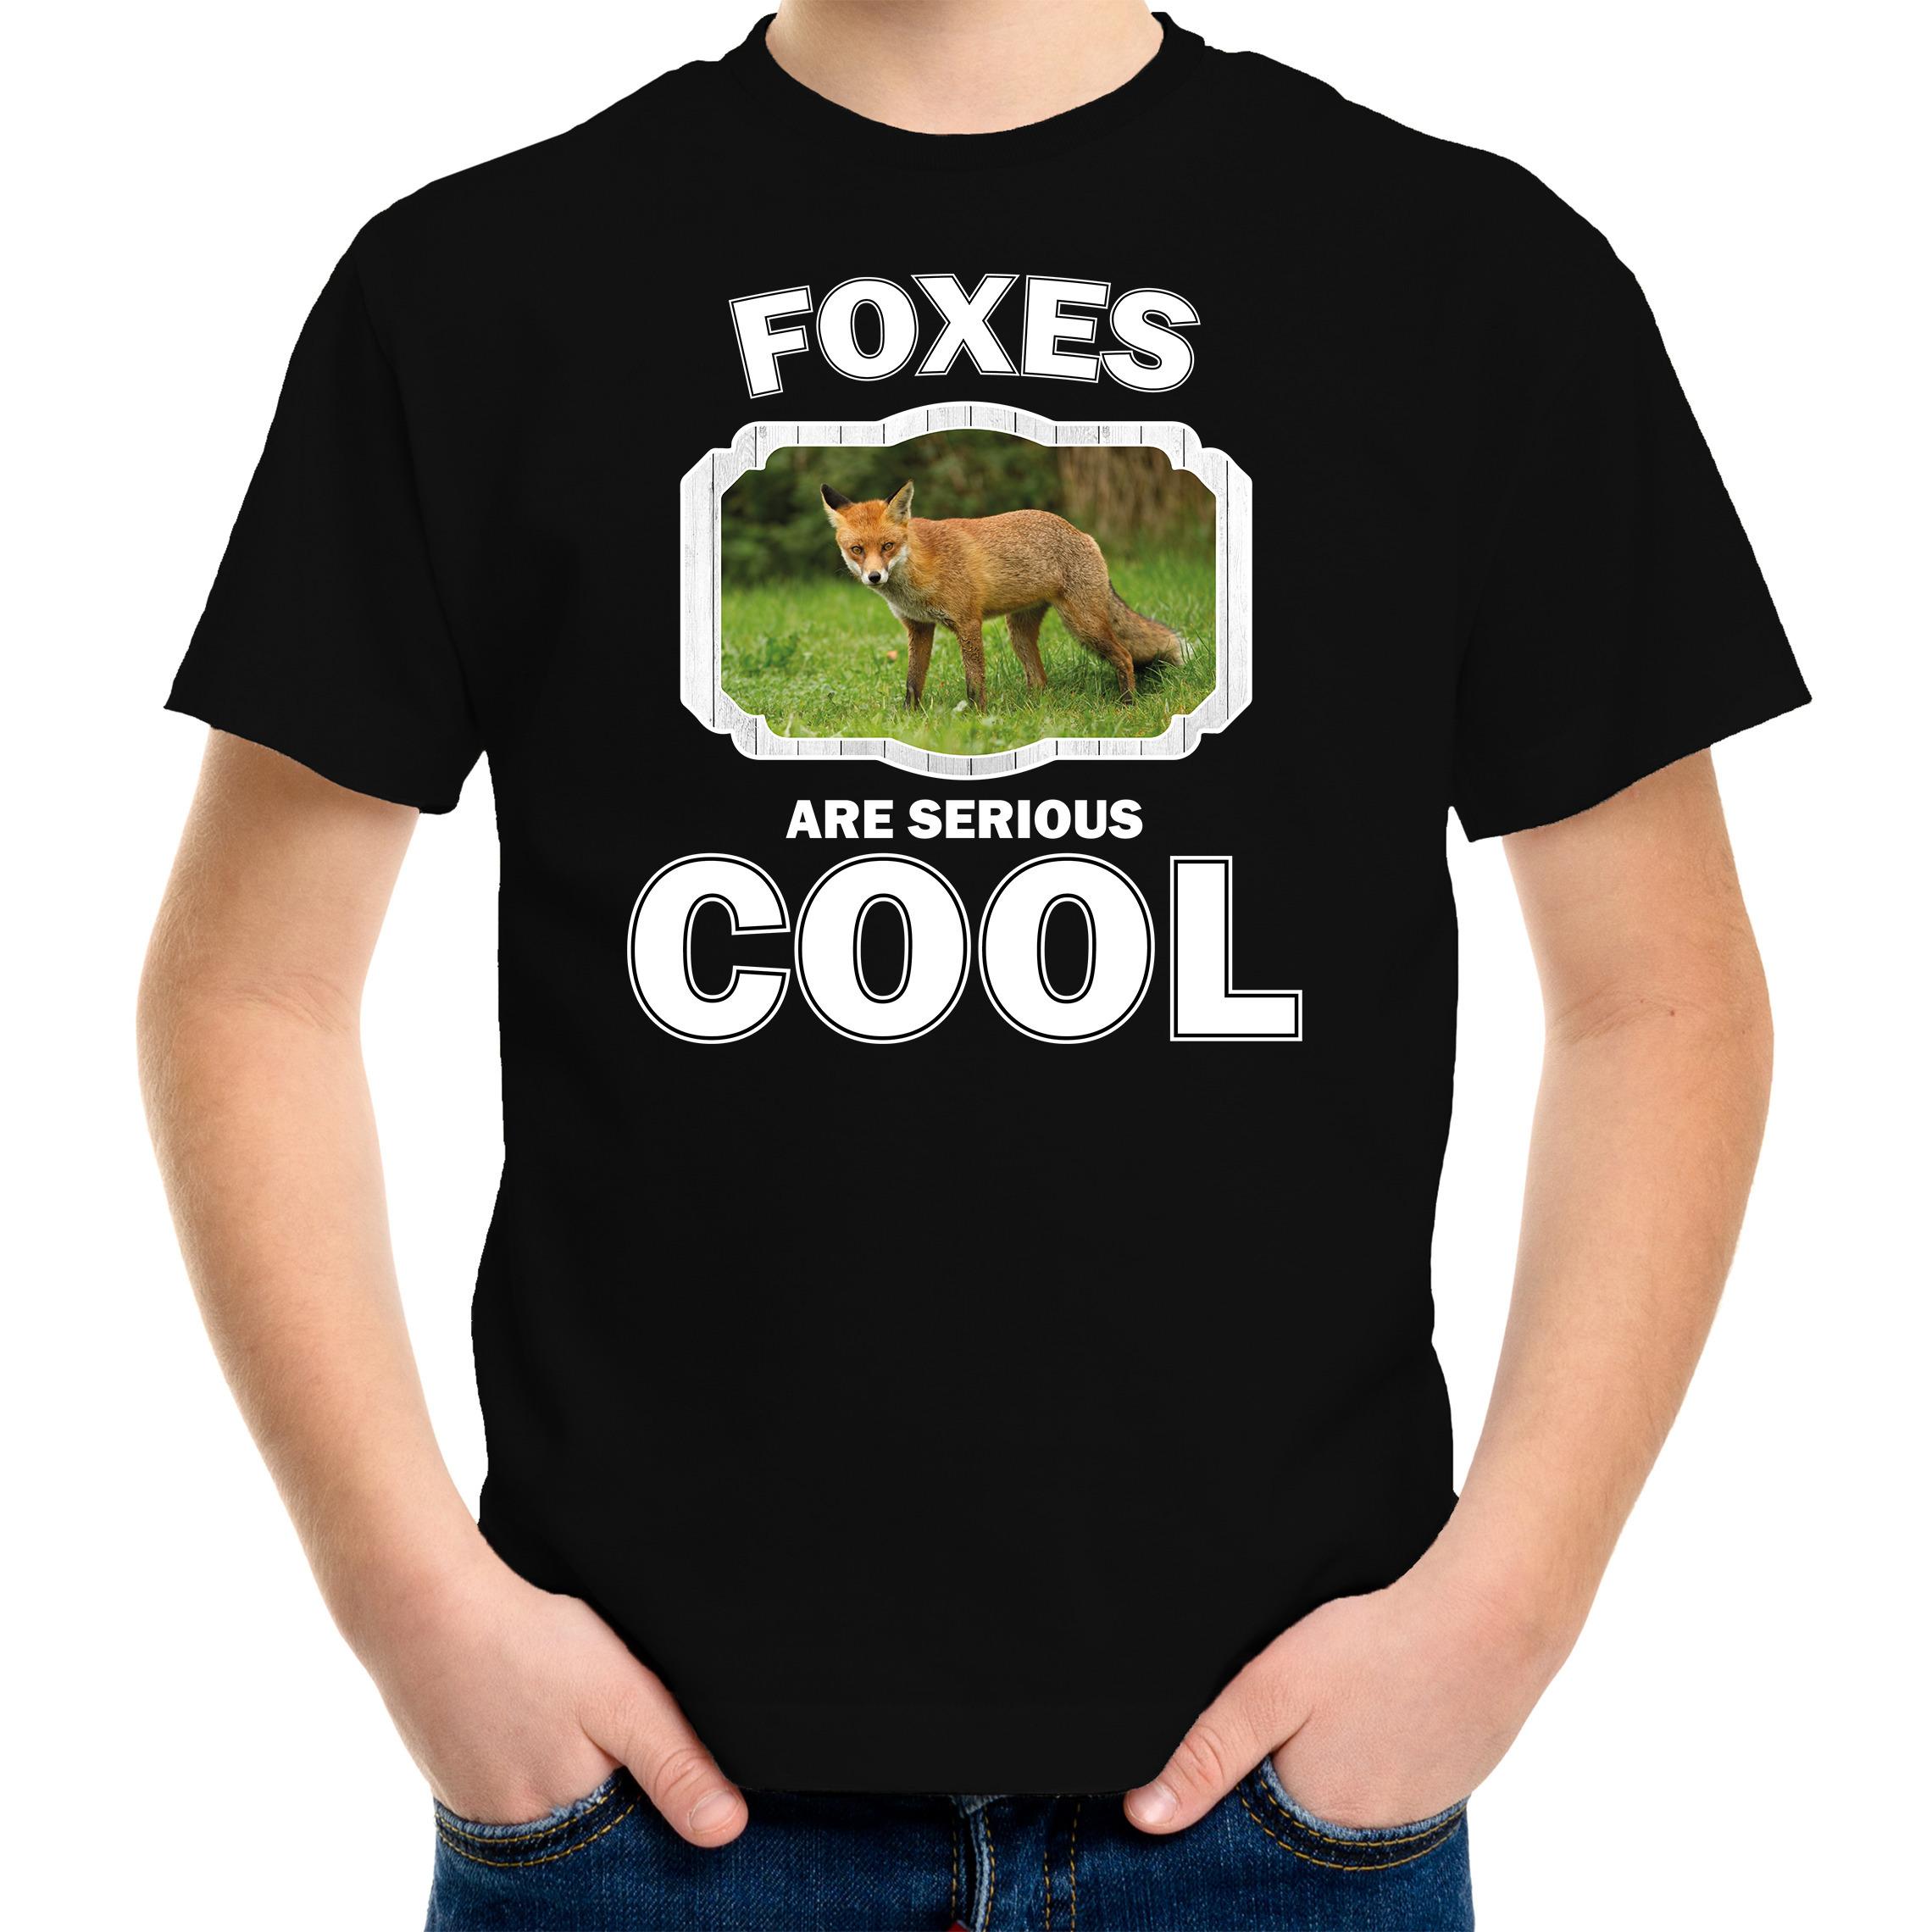 T-shirt foxes are serious cool zwart kinderen - vossen/ bruine vos shirt